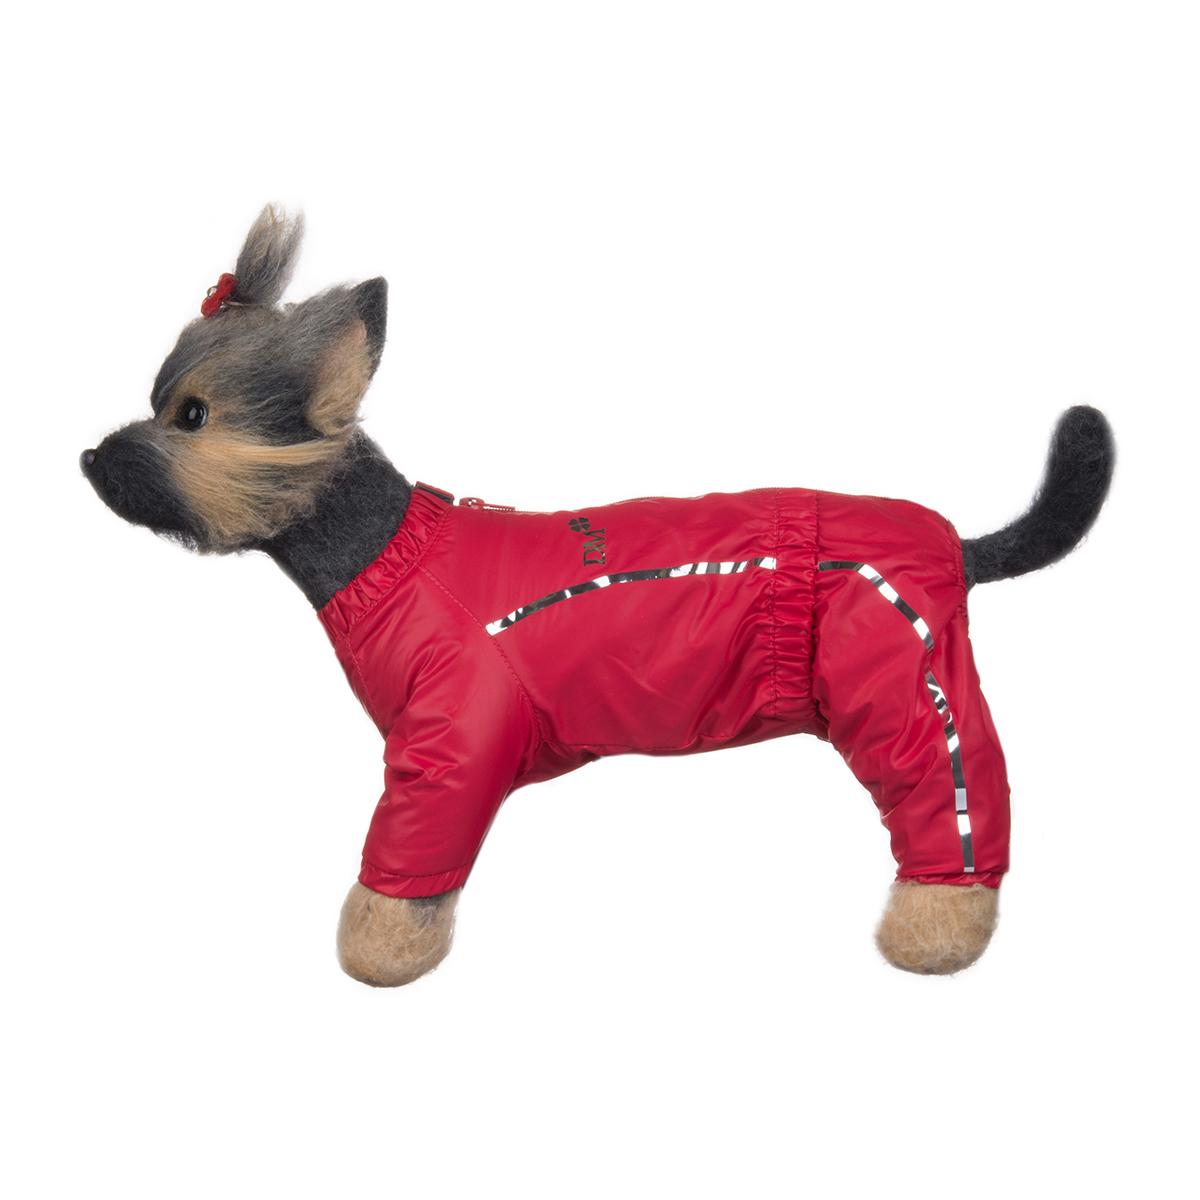 Комбинезон для собак Dogmoda Альпы, для девочки, цвет: фуксия. Размер 3 (L)DM-150327-3Комбинезон для собак Dogmoda Альпы отлично подойдет для прогулок поздней осенью или ранней весной.Комбинезон изготовлен из полиэстера, защищающего от ветра и осадков, с подкладкой из флиса, которая сохранит тепло и обеспечит отличный воздухообмен. Комбинезон застегивается на молнию и липучку, благодаря чему его легко надевать и снимать. Ворот, низ рукавов и брючин оснащены внутренними резинками, которые мягко обхватывают шею и лапки, не позволяя просачиваться холодному воздуху. На пояснице имеется внутренняя резинка. Изделие декорировано серебристыми полосками и надписью DM.Благодаря такому комбинезону простуда не грозит вашему питомцу и он не даст любимцу продрогнуть на прогулке.